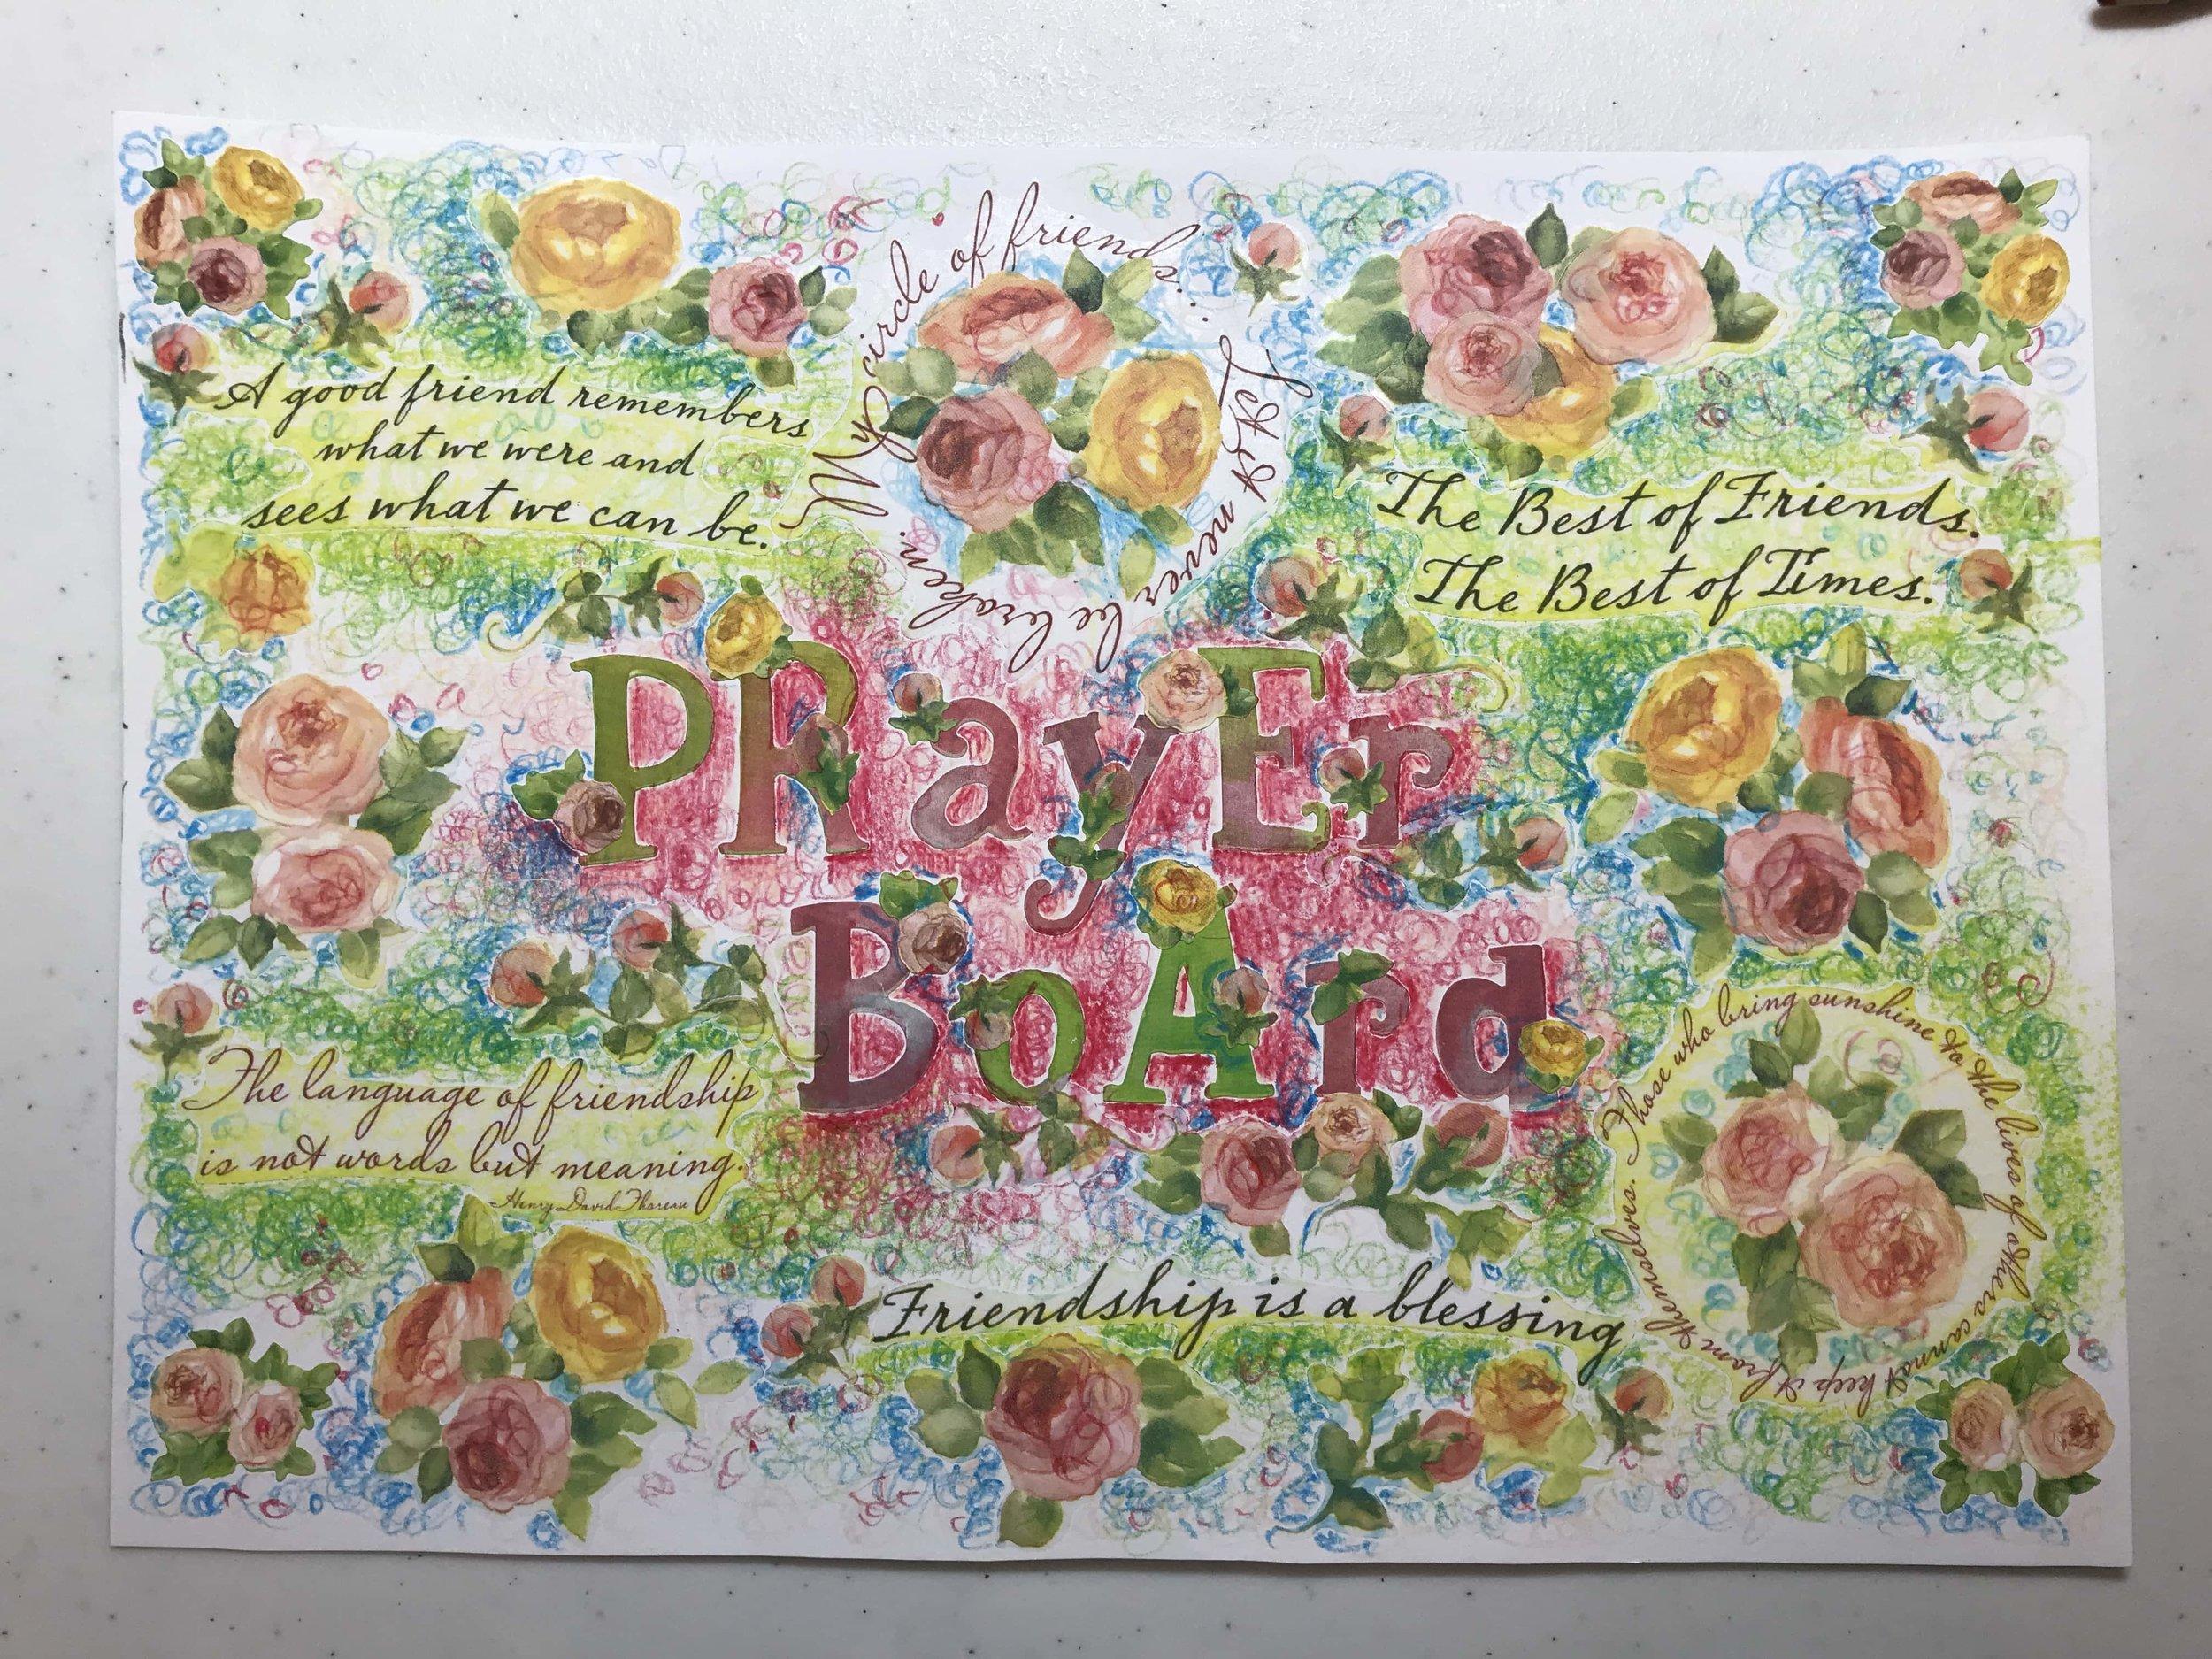 Prayer Board 2 Soulcare artsy Patricia Tiffany Morris.jpg